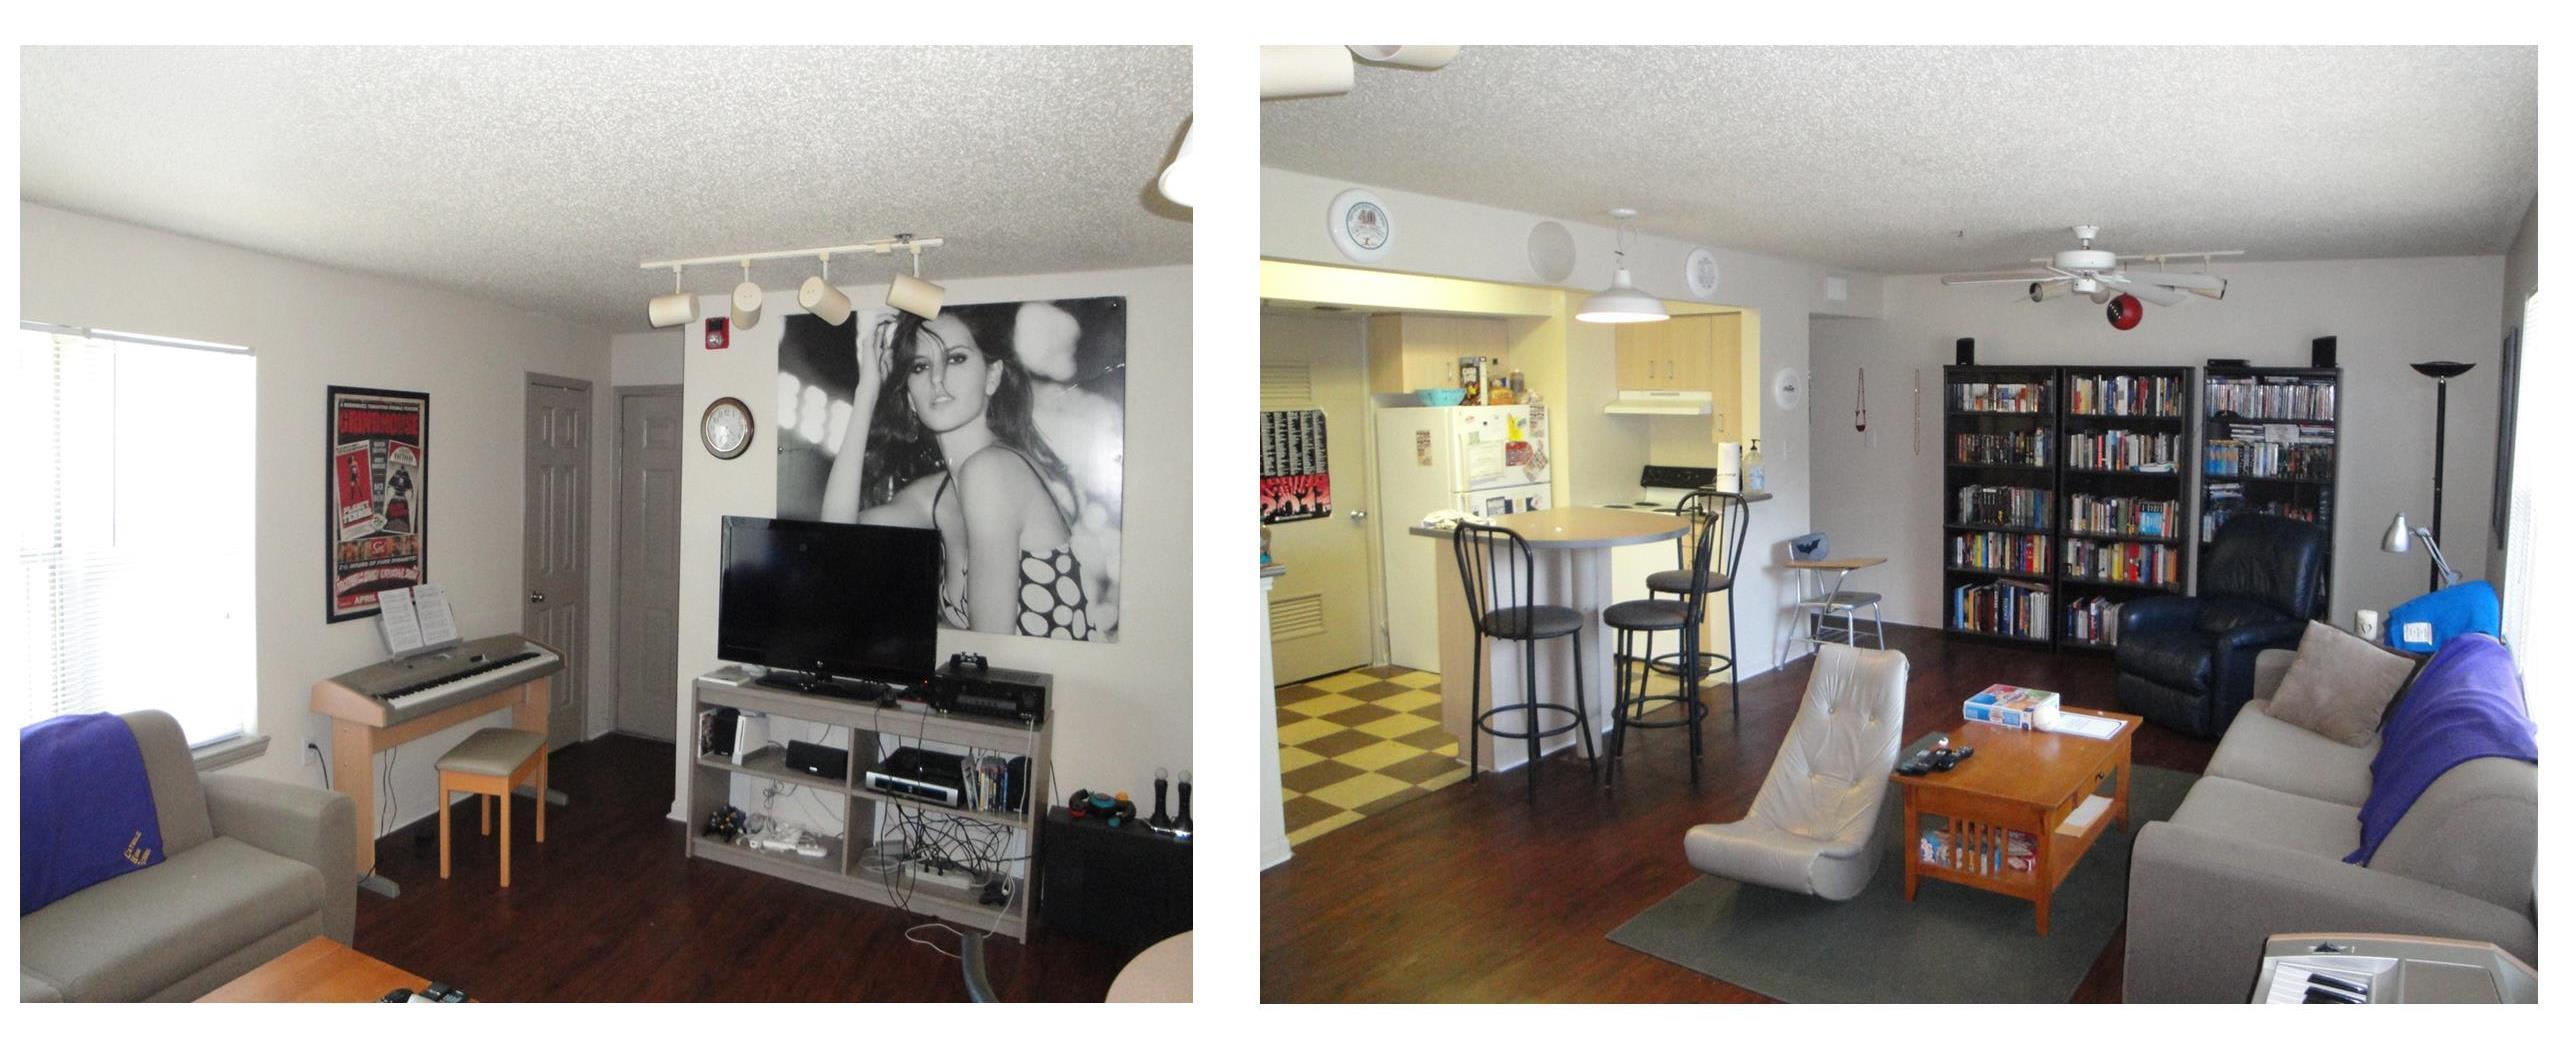 Capstone Apartment Rooms